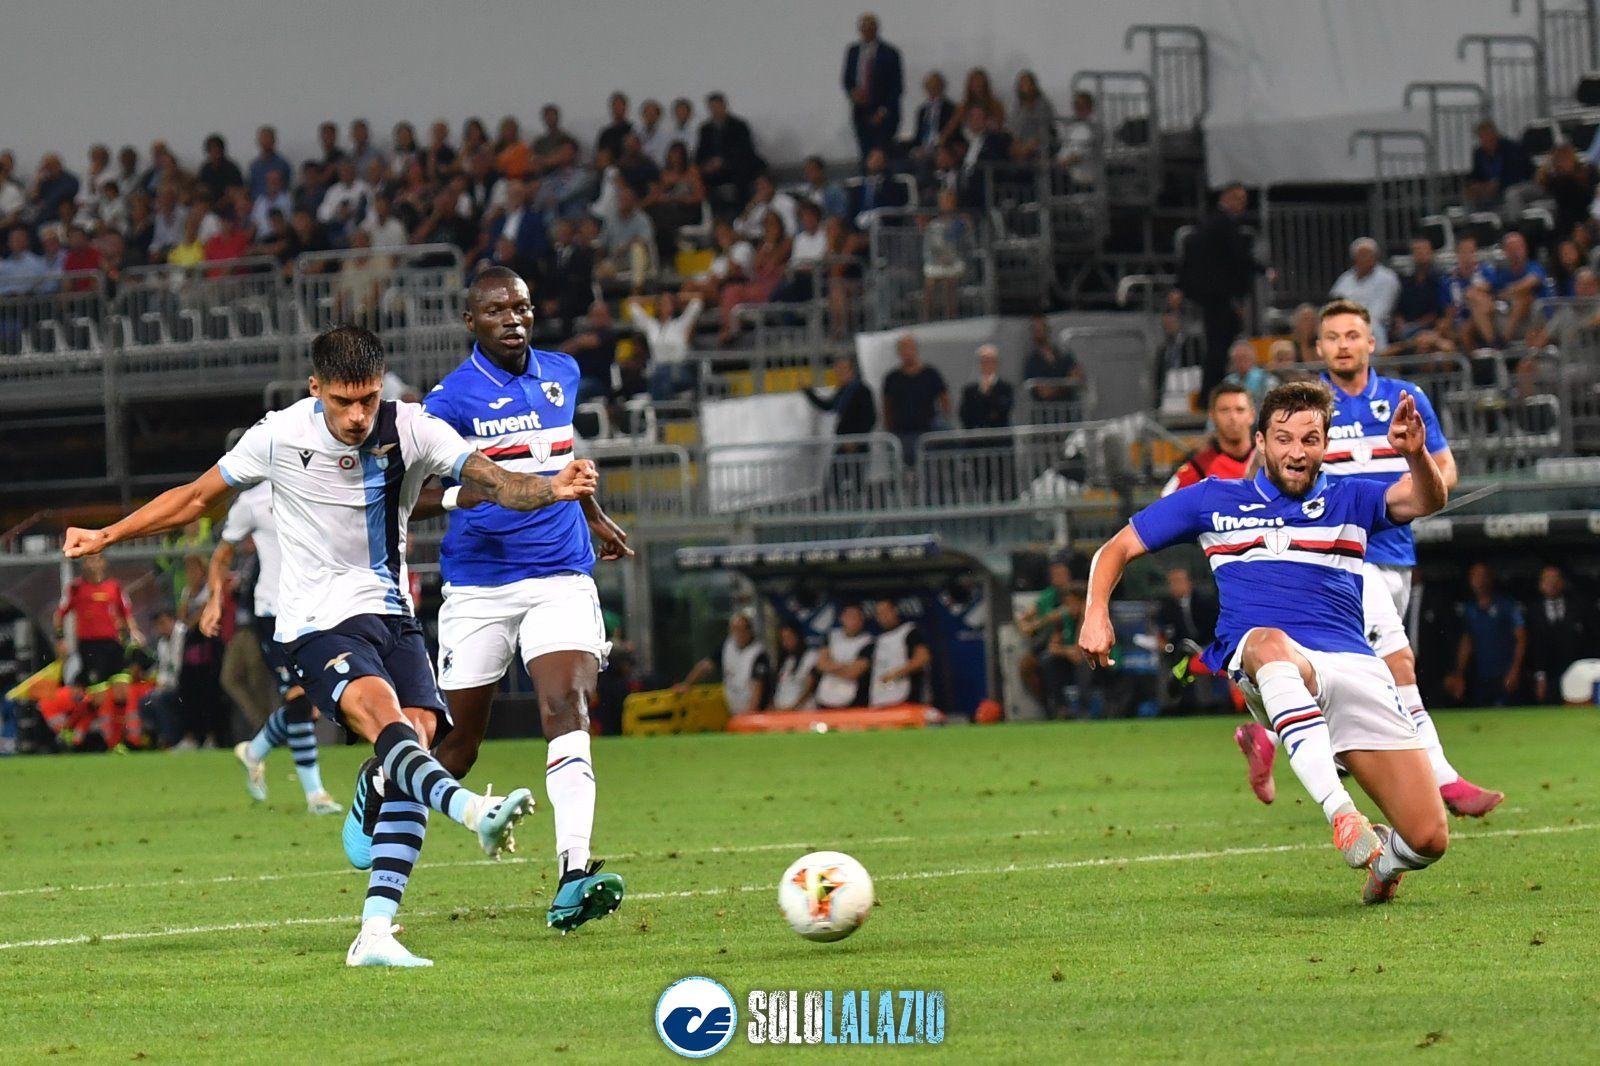 """Lazio - Sampdoria, Vieira: """"Loro fortissimi ma non faremo i timidi"""""""